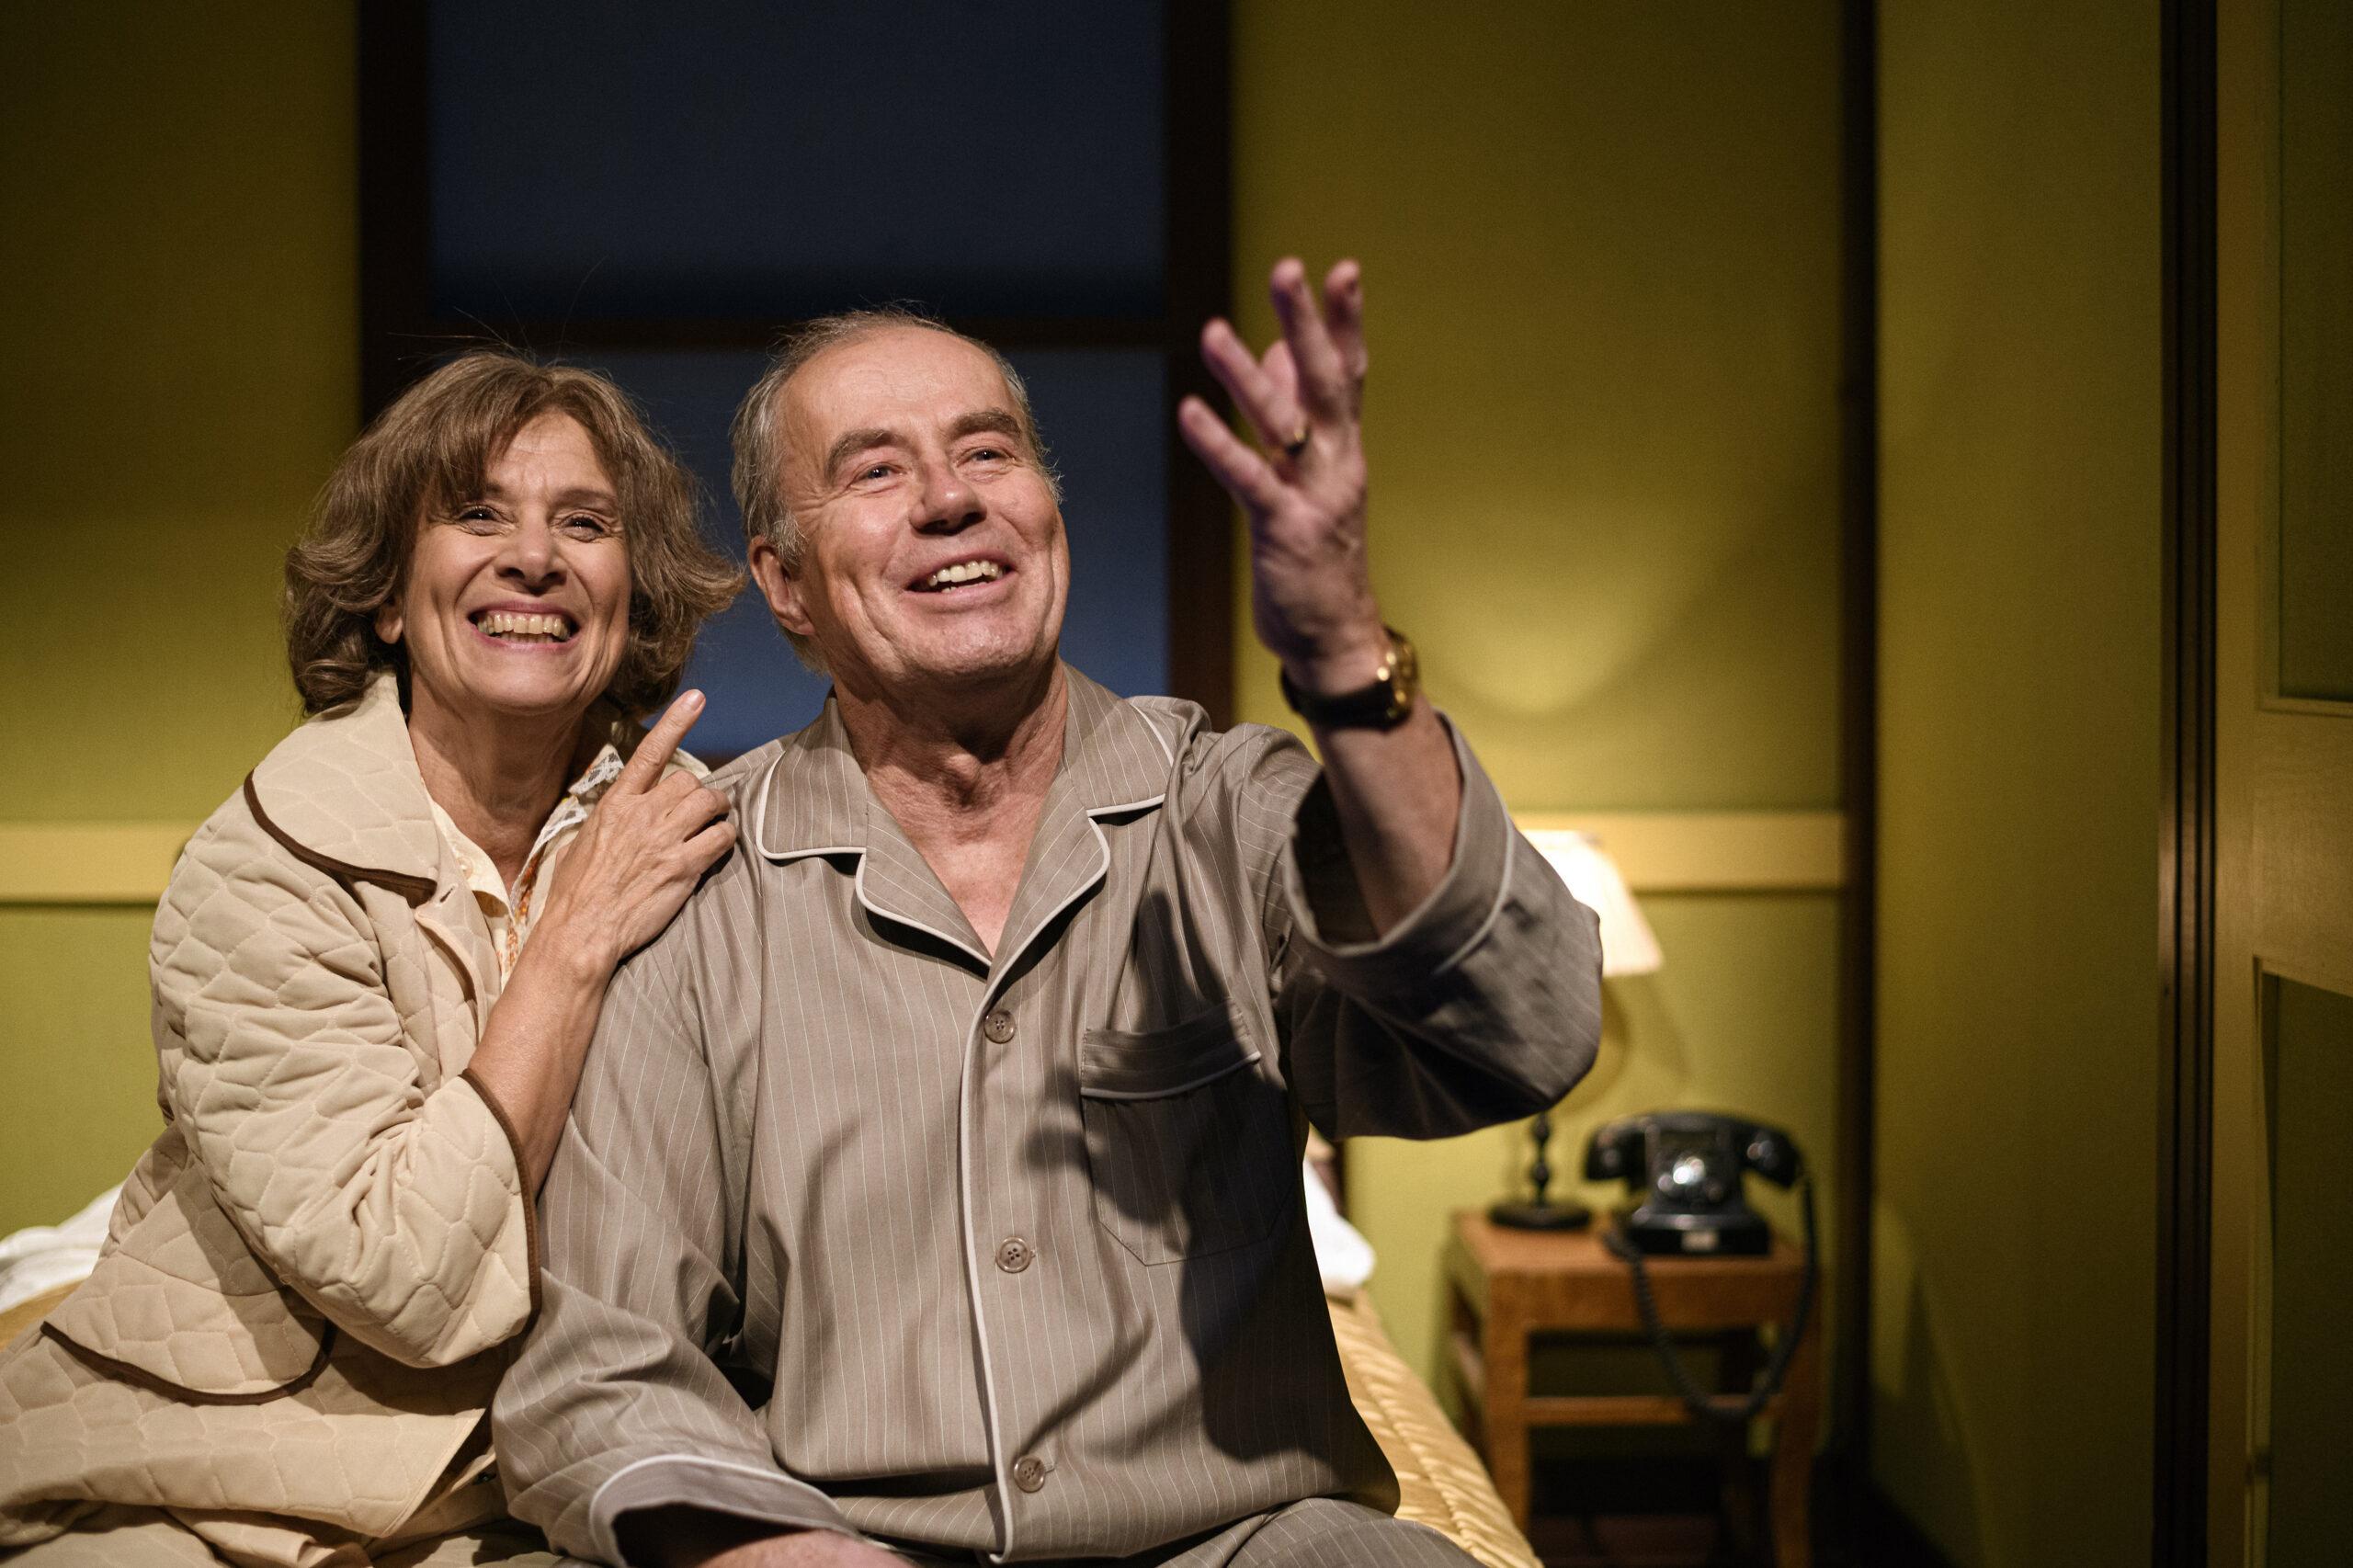 Ur en scen med Gisela och Lennart. De ser lyckliga och drömmande ut